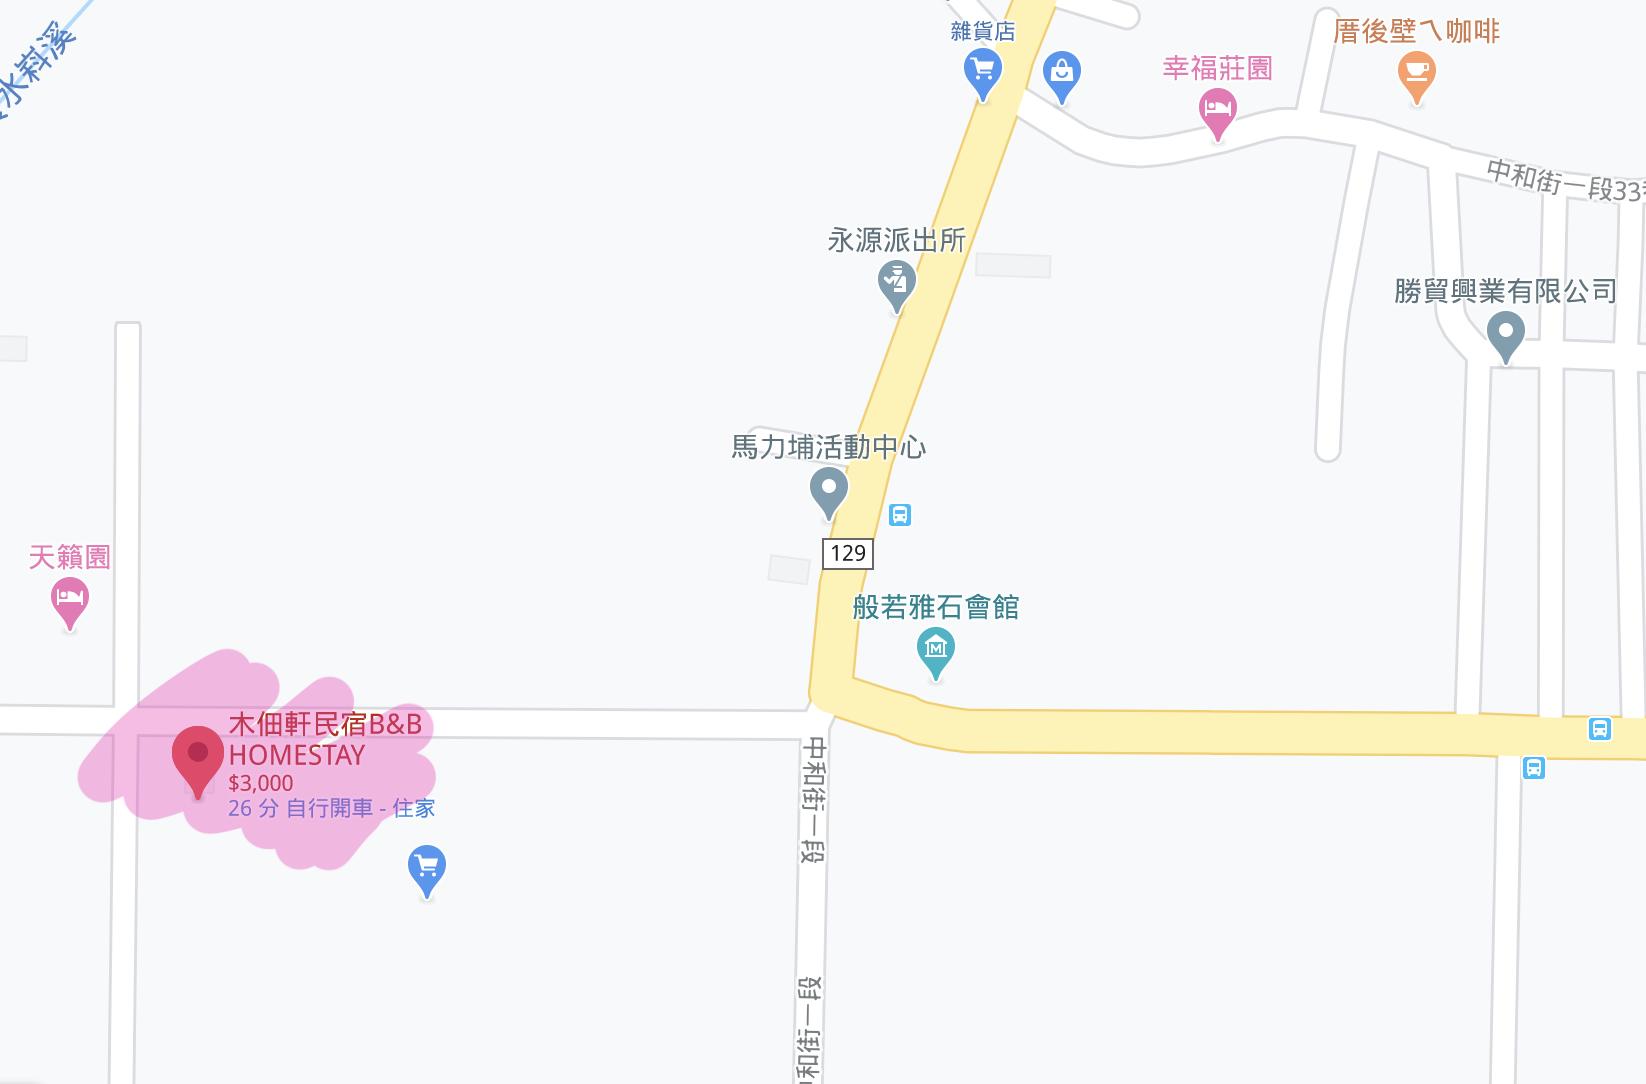 木佃軒民宿 菜單 新社景點 新社餐廳 新社住宿